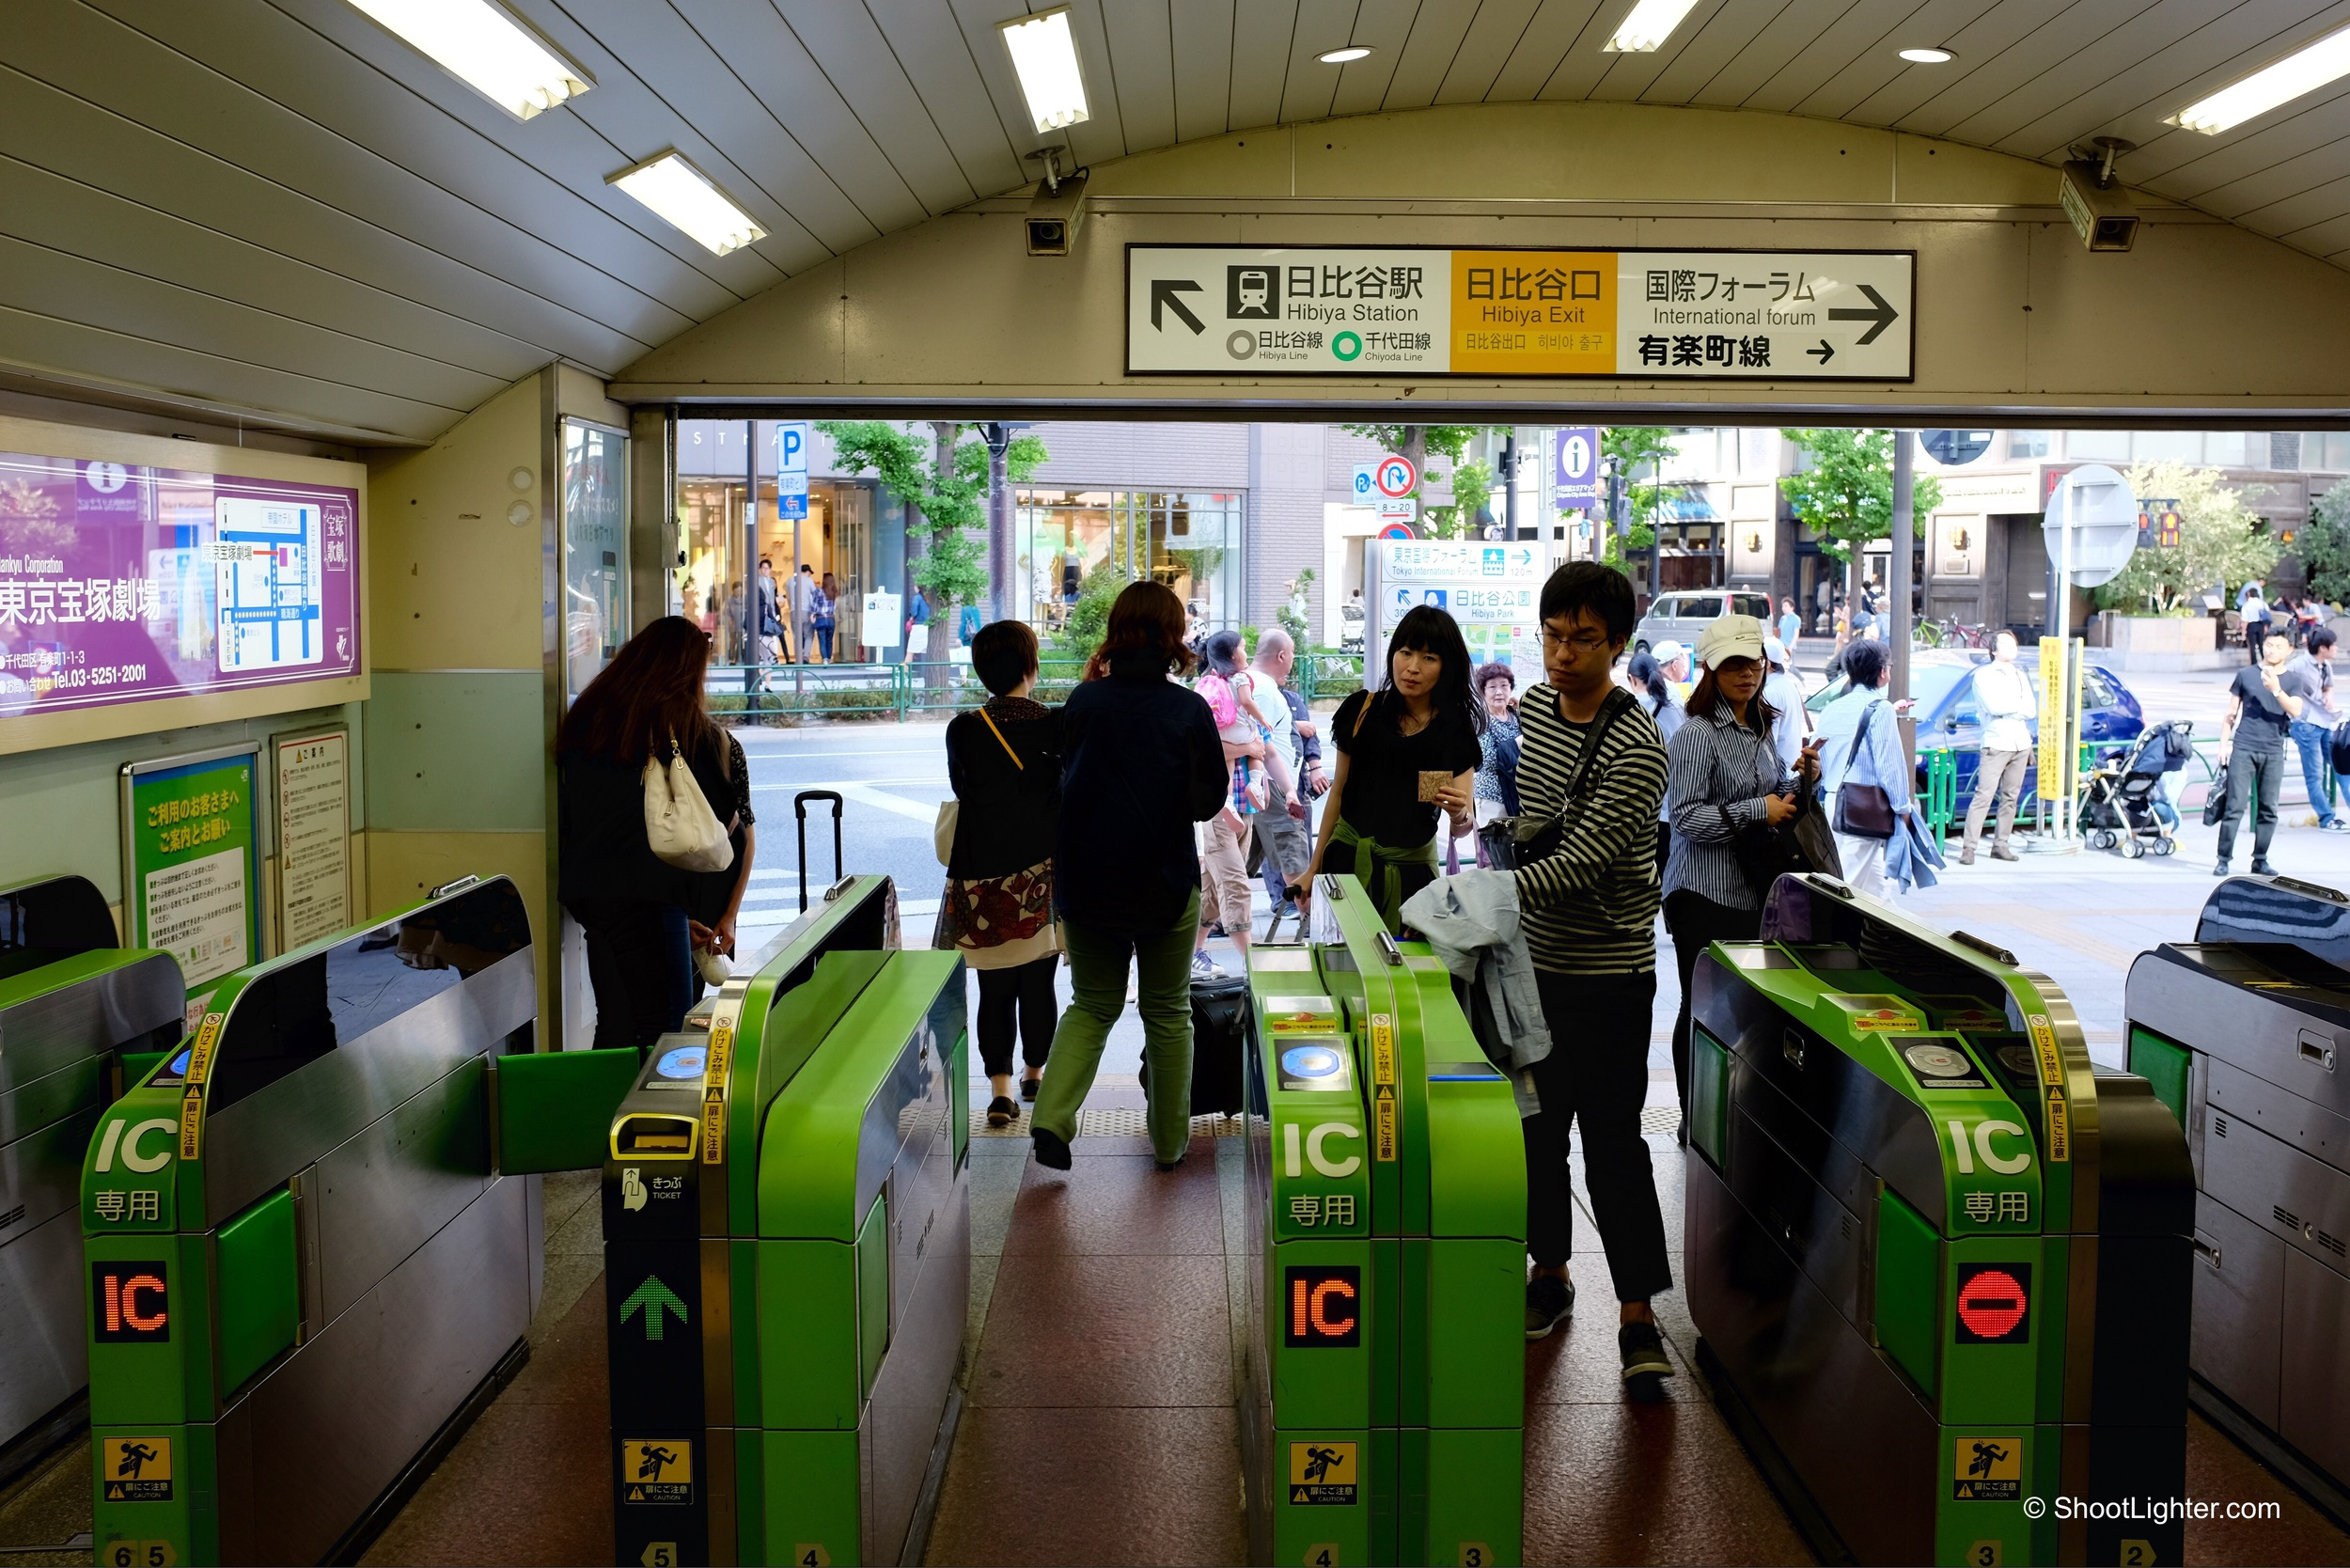 Hibiya exit at Yurakucho station. Fuji x100T, ISO 400, f/4, 1/90 sec. No edit. Straight out of camera.